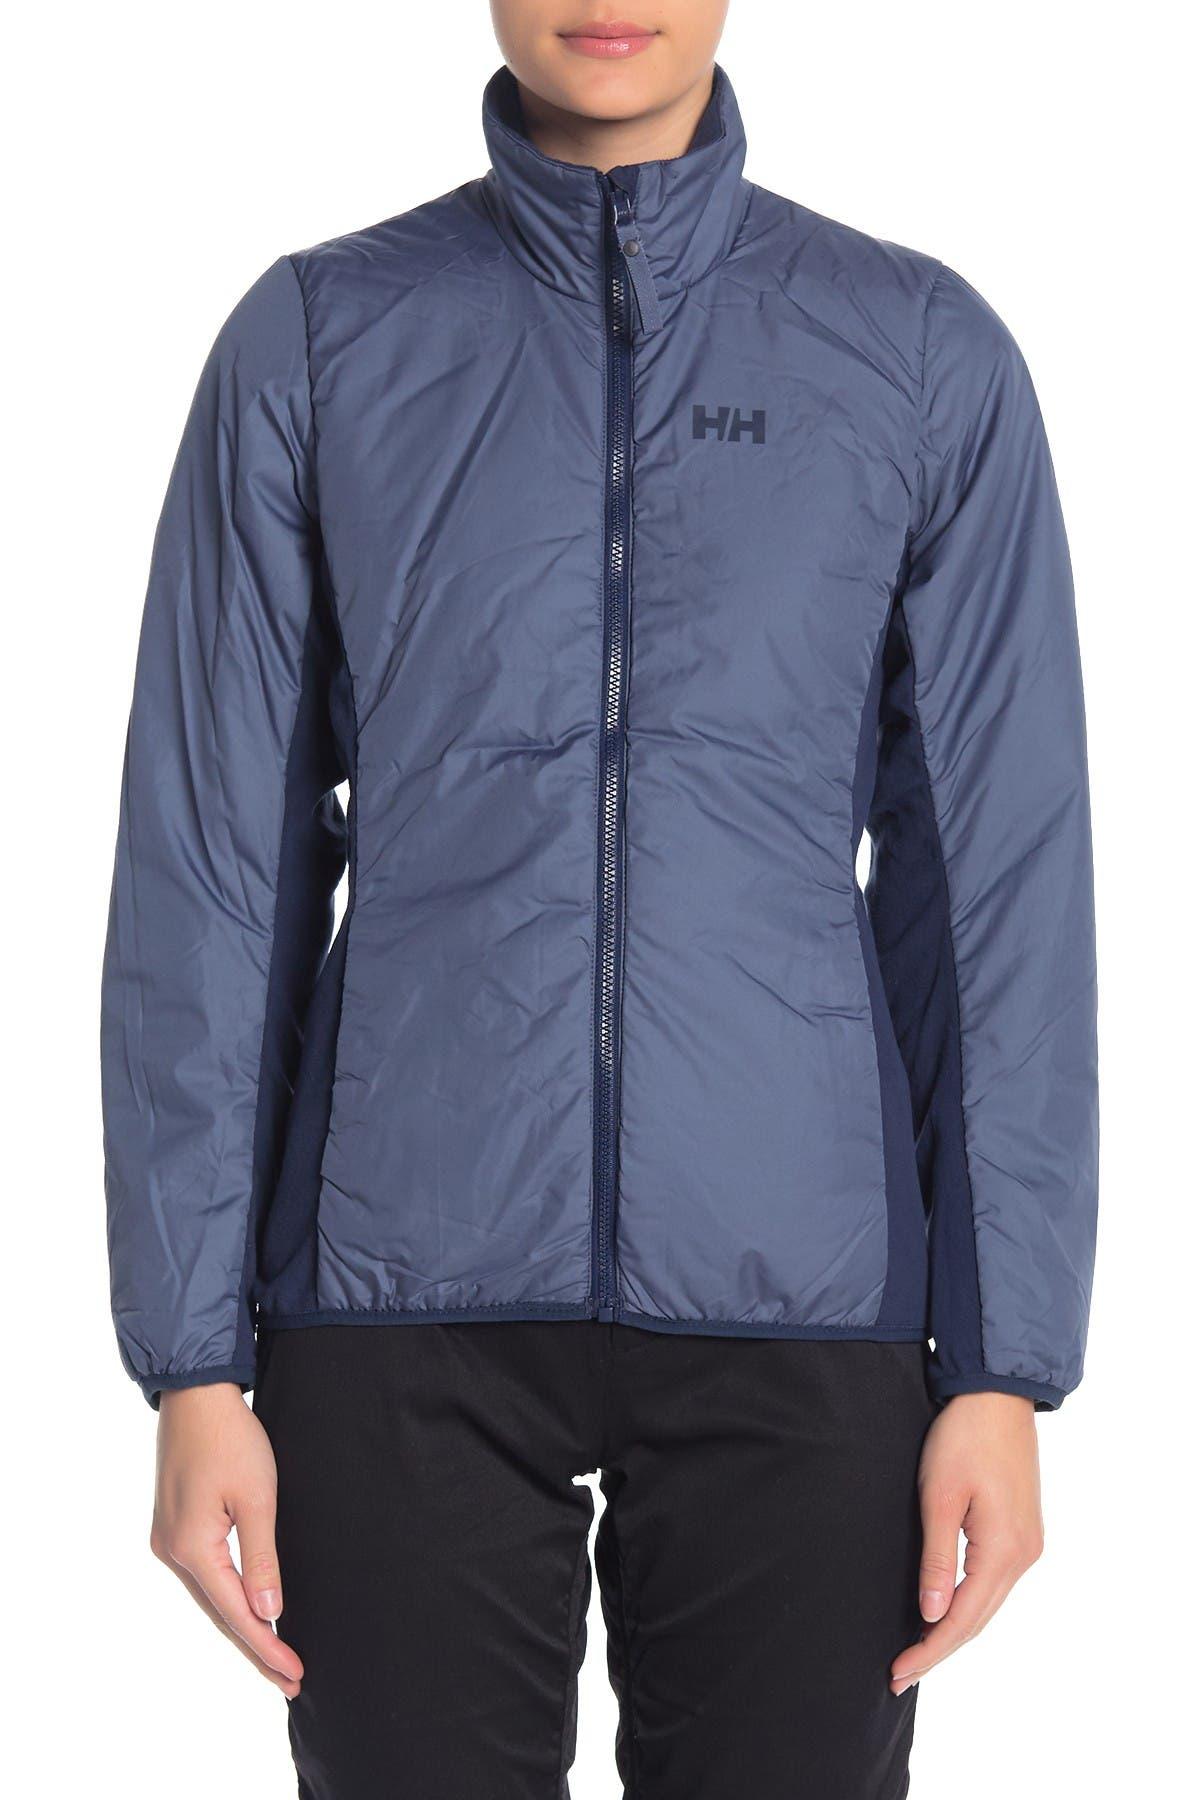 helly hansen waterproof hooded jacket nordstrom rack